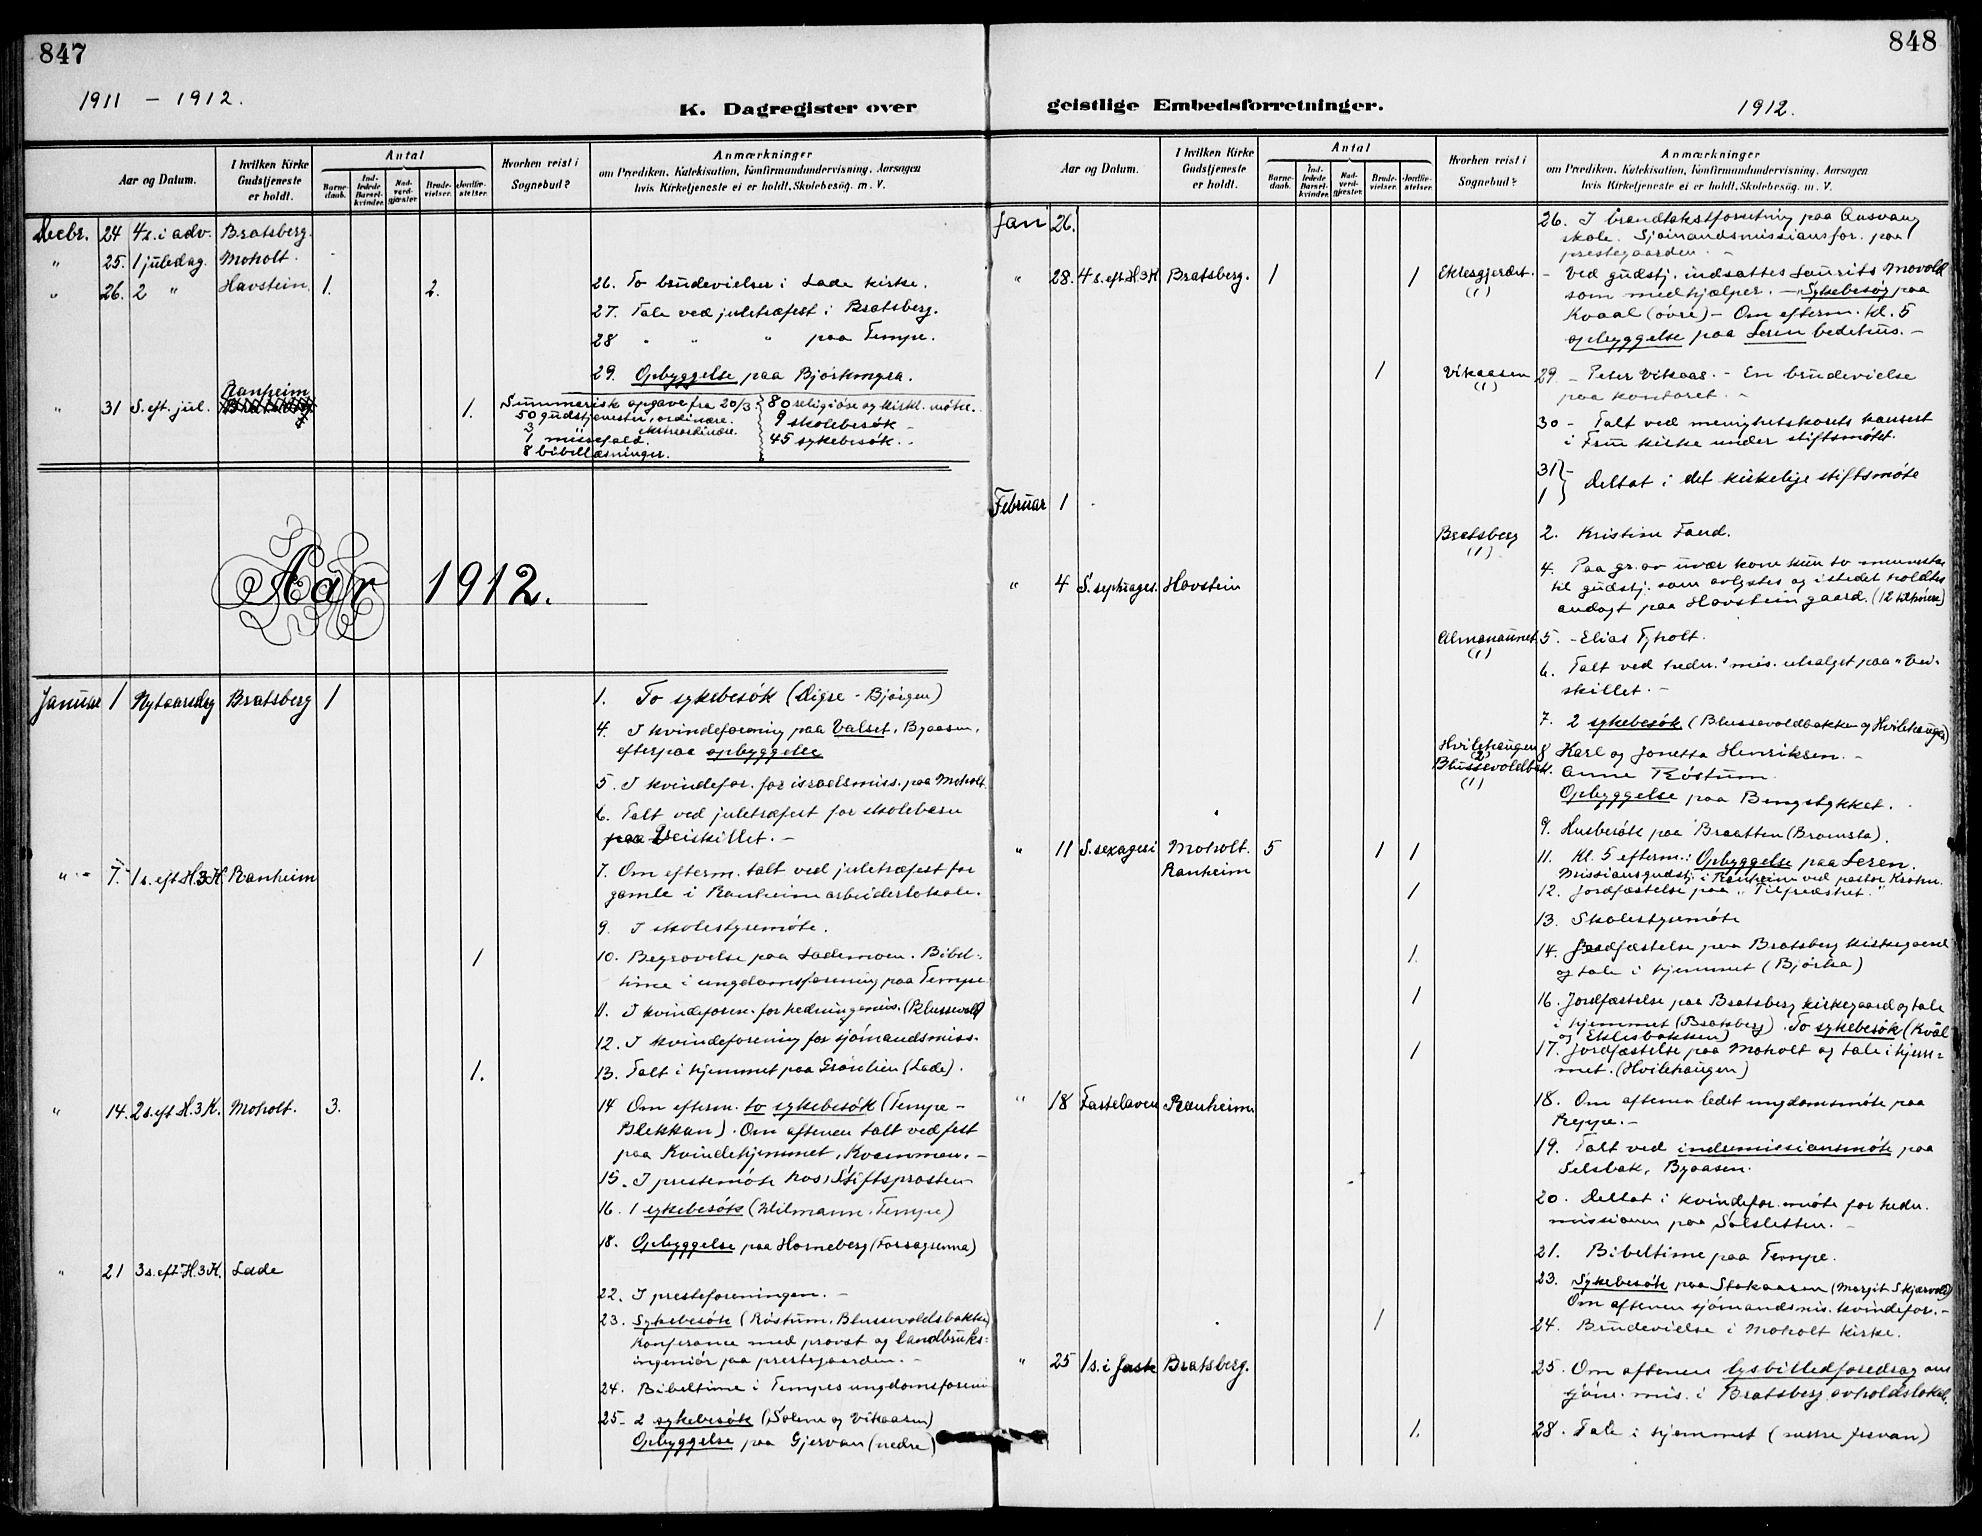 SAT, Ministerialprotokoller, klokkerbøker og fødselsregistre - Sør-Trøndelag, 607/L0320: Ministerialbok nr. 607A04, 1907-1915, s. 847-848